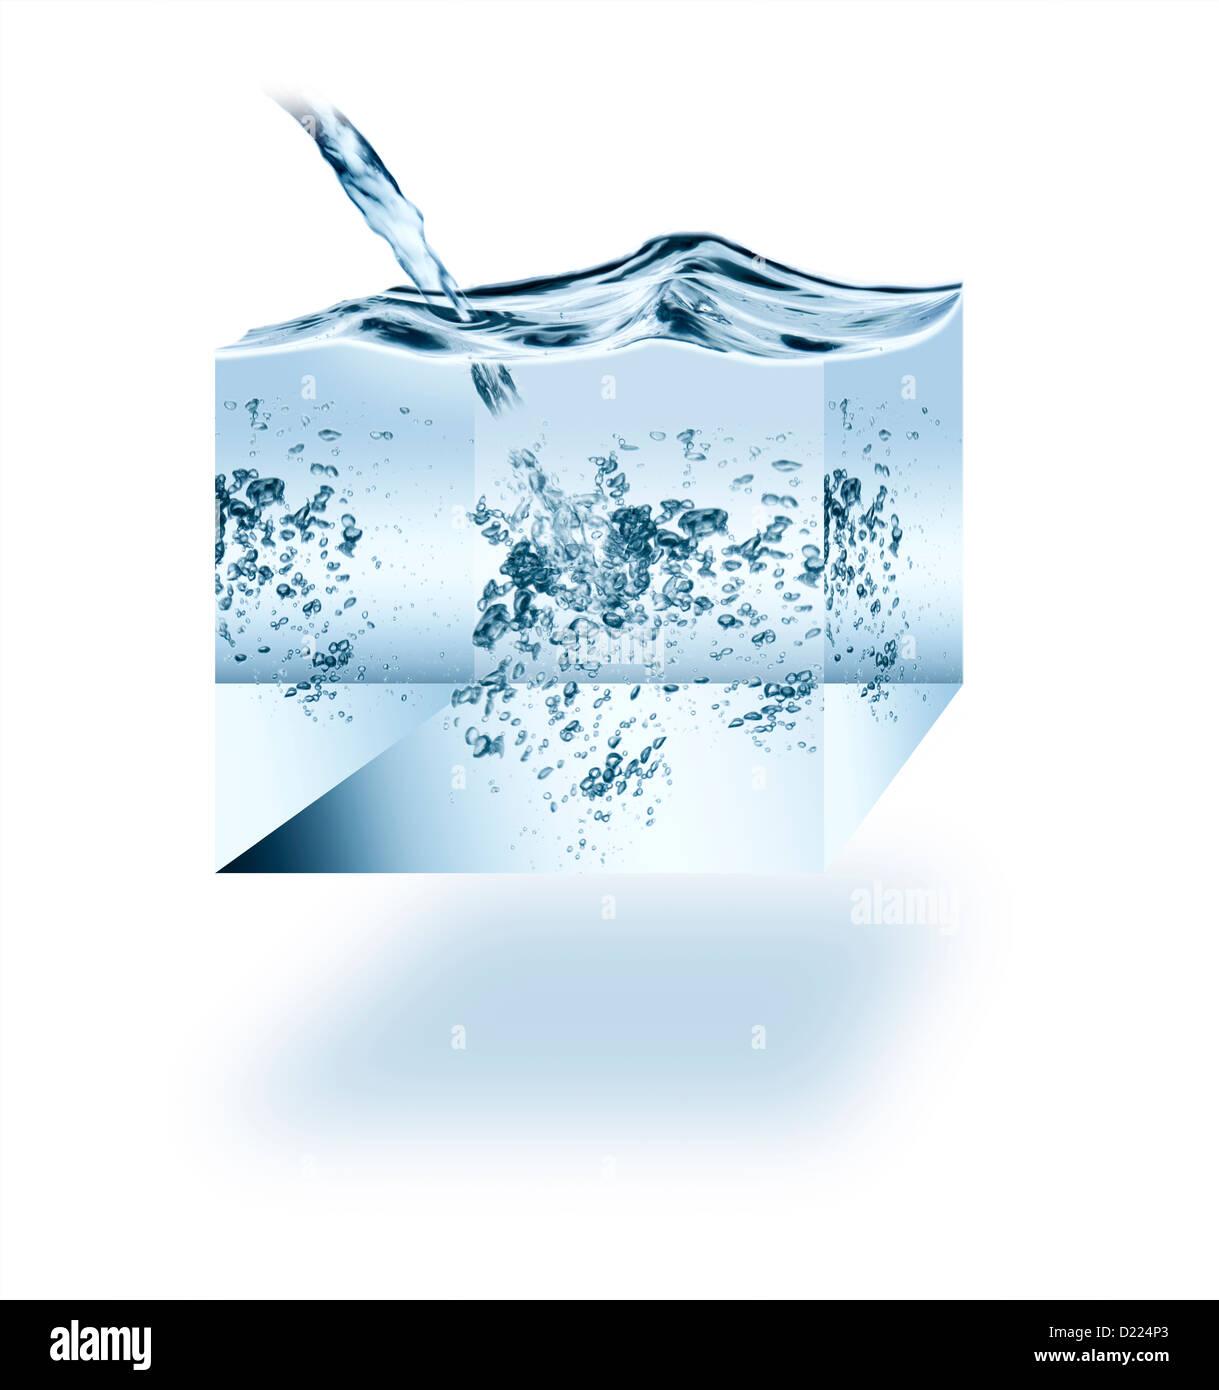 Würfel des Wassers vor einem weißen Hintergrund Stockbild